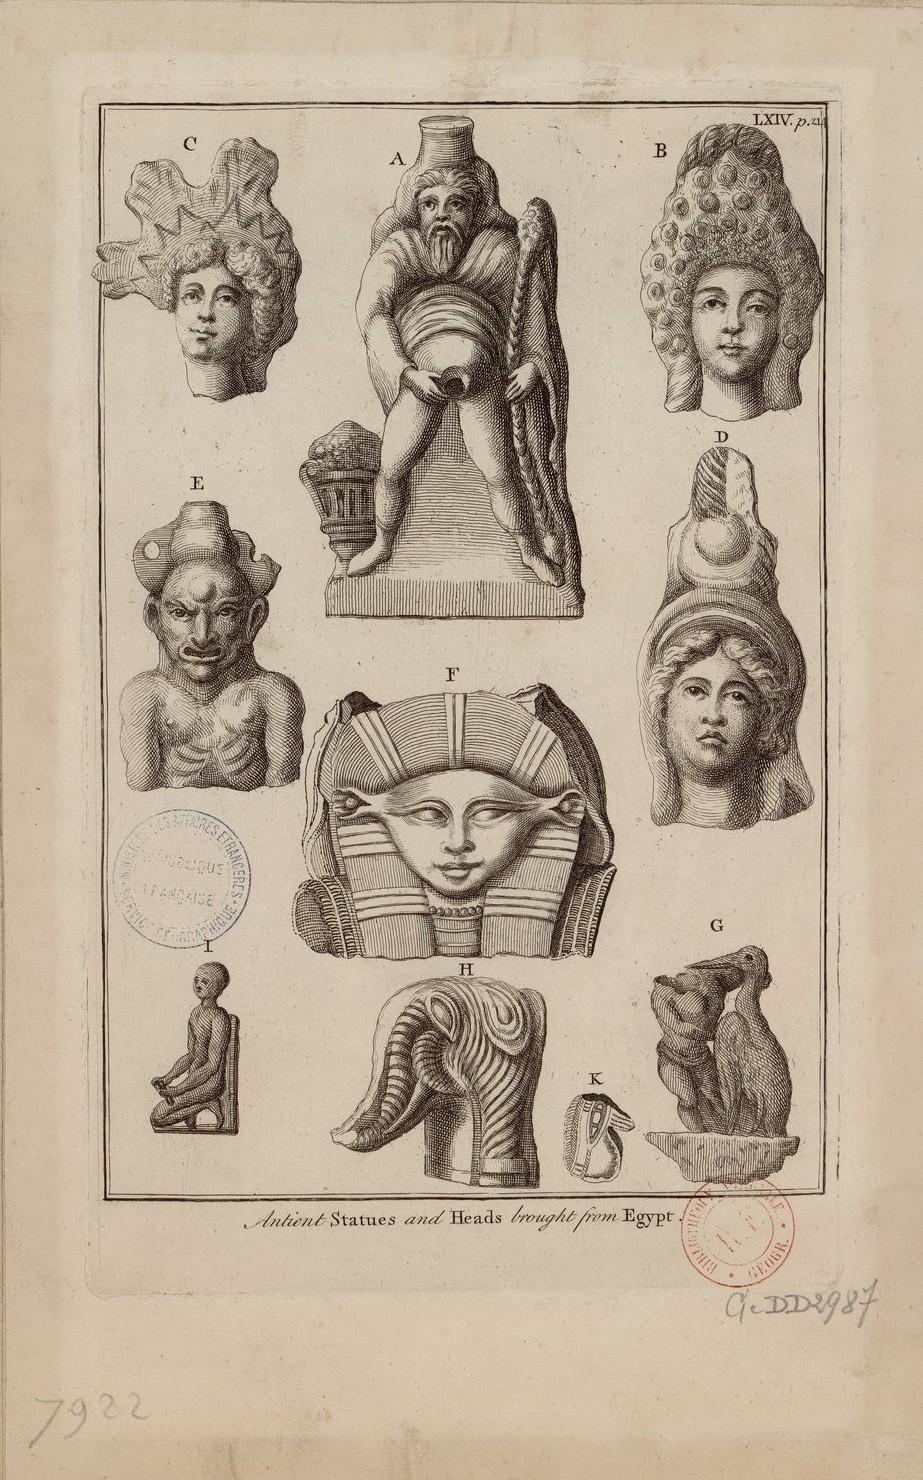 Древние статуи и головы, привезенные из Египта